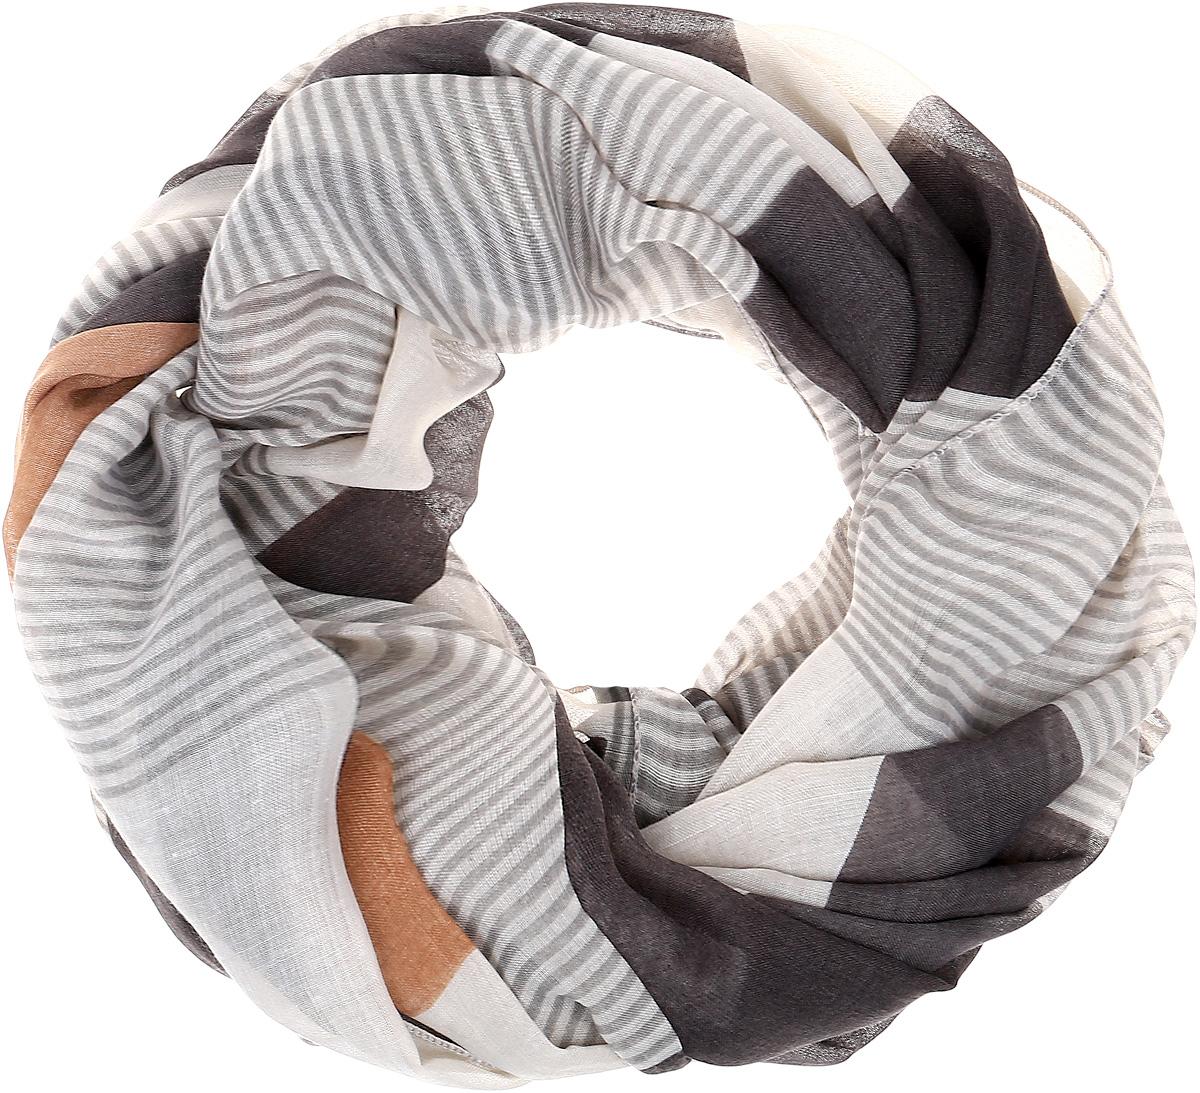 Палантин Sophie Ramage, цвет: серый, коричневый. YY-21632-13. Размер 80 см х 180 смYY-21632-13Элегантный палантин Sophie Ramage станет достойным завершением вашего образа. Палантин изготовлен из высококачественного модала с добавлением шерсти. Оформлена модель стильным принтом. Палантин красиво драпируется, он превосходно дополнит любой наряд и подчеркнет ваш изысканный вкус. Легкий и изящный палантин привнесет в ваш образ утонченность и шарм.